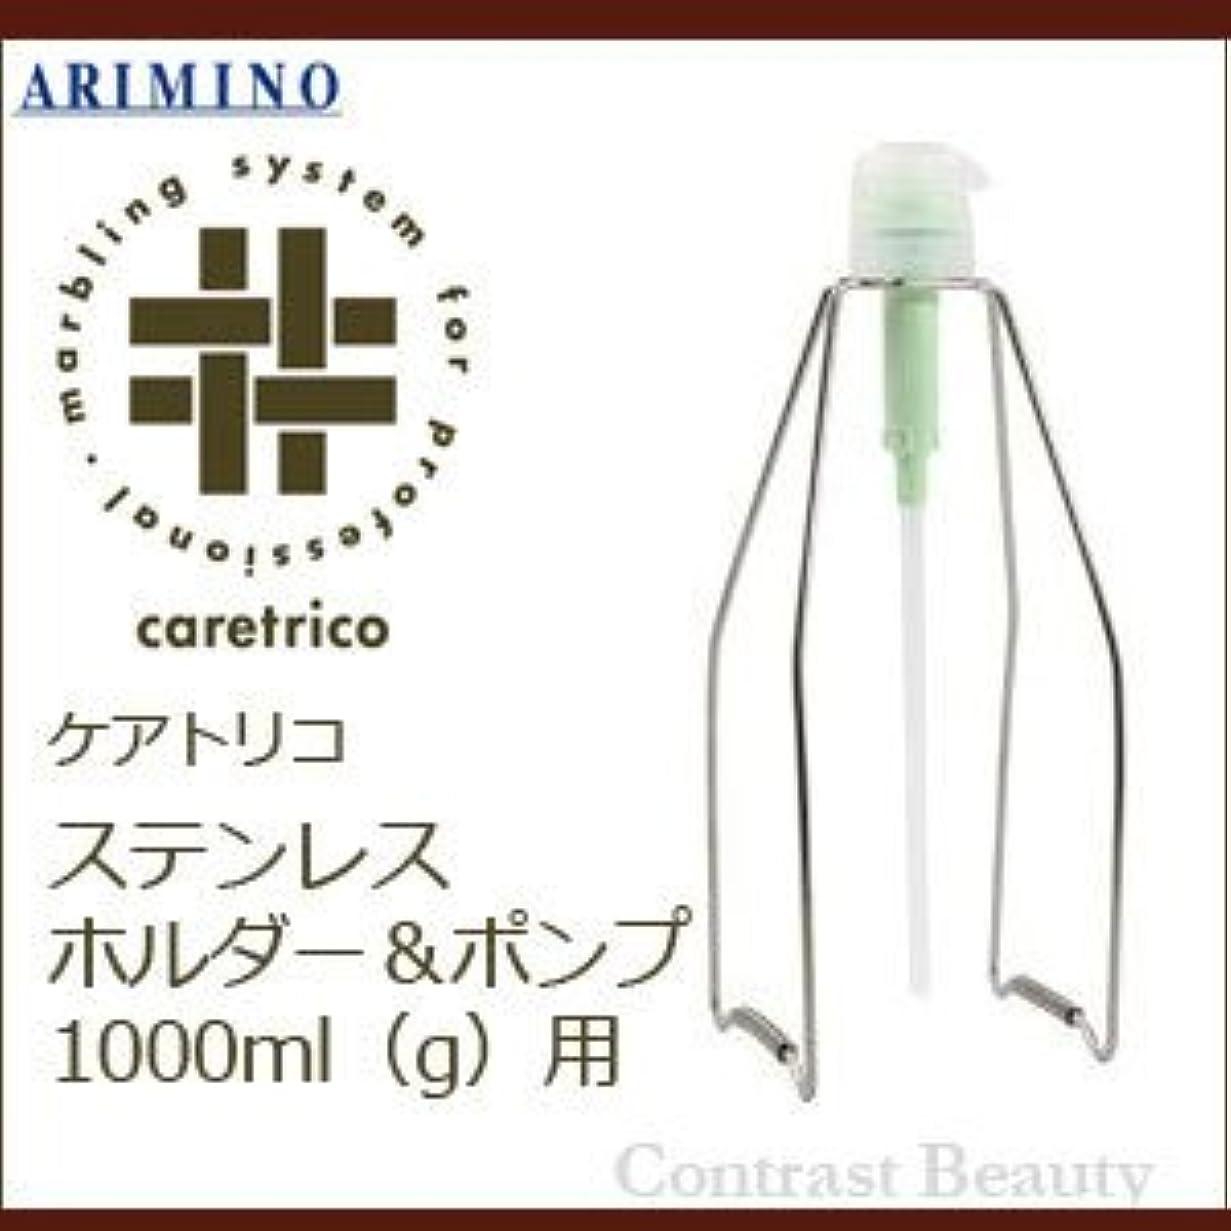 信者役に立たないアルバニーアリミノ ケアトリコ 1000ml(g)用 ステンレス ホルダー&ポンプ